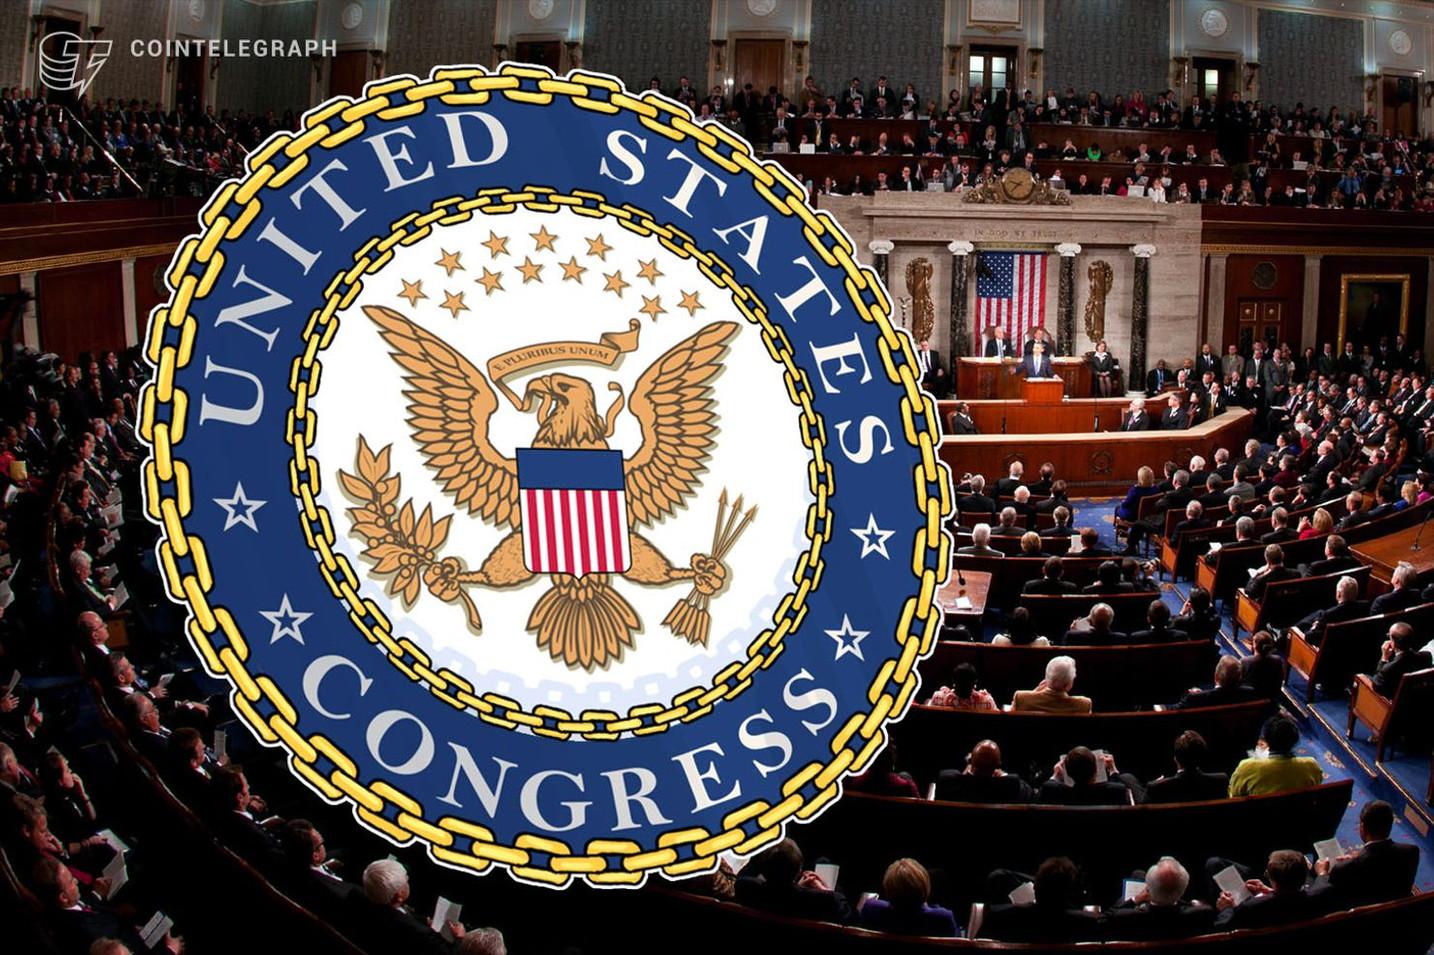 米国の仮想通貨推進派議員、リブラ公聴会で「シットコイン(草コイン)」と発言 アルトコイン上昇の背景?